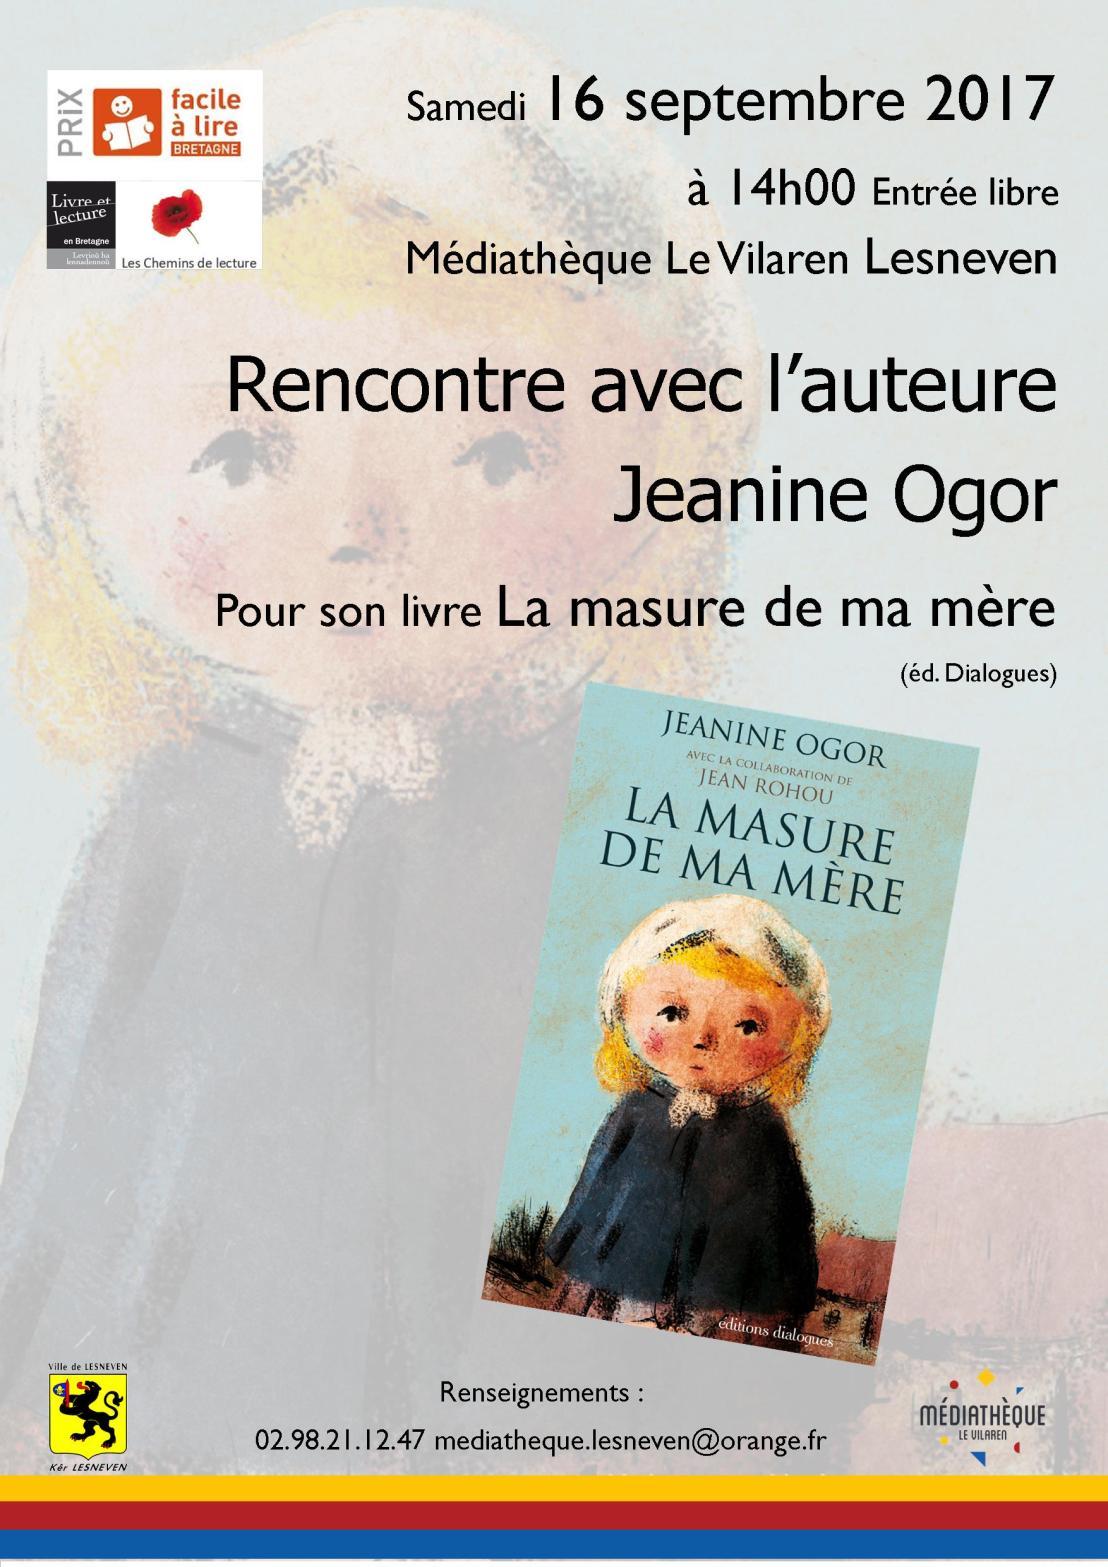 Jeanine Ogor à la rencontre du public deLesneven